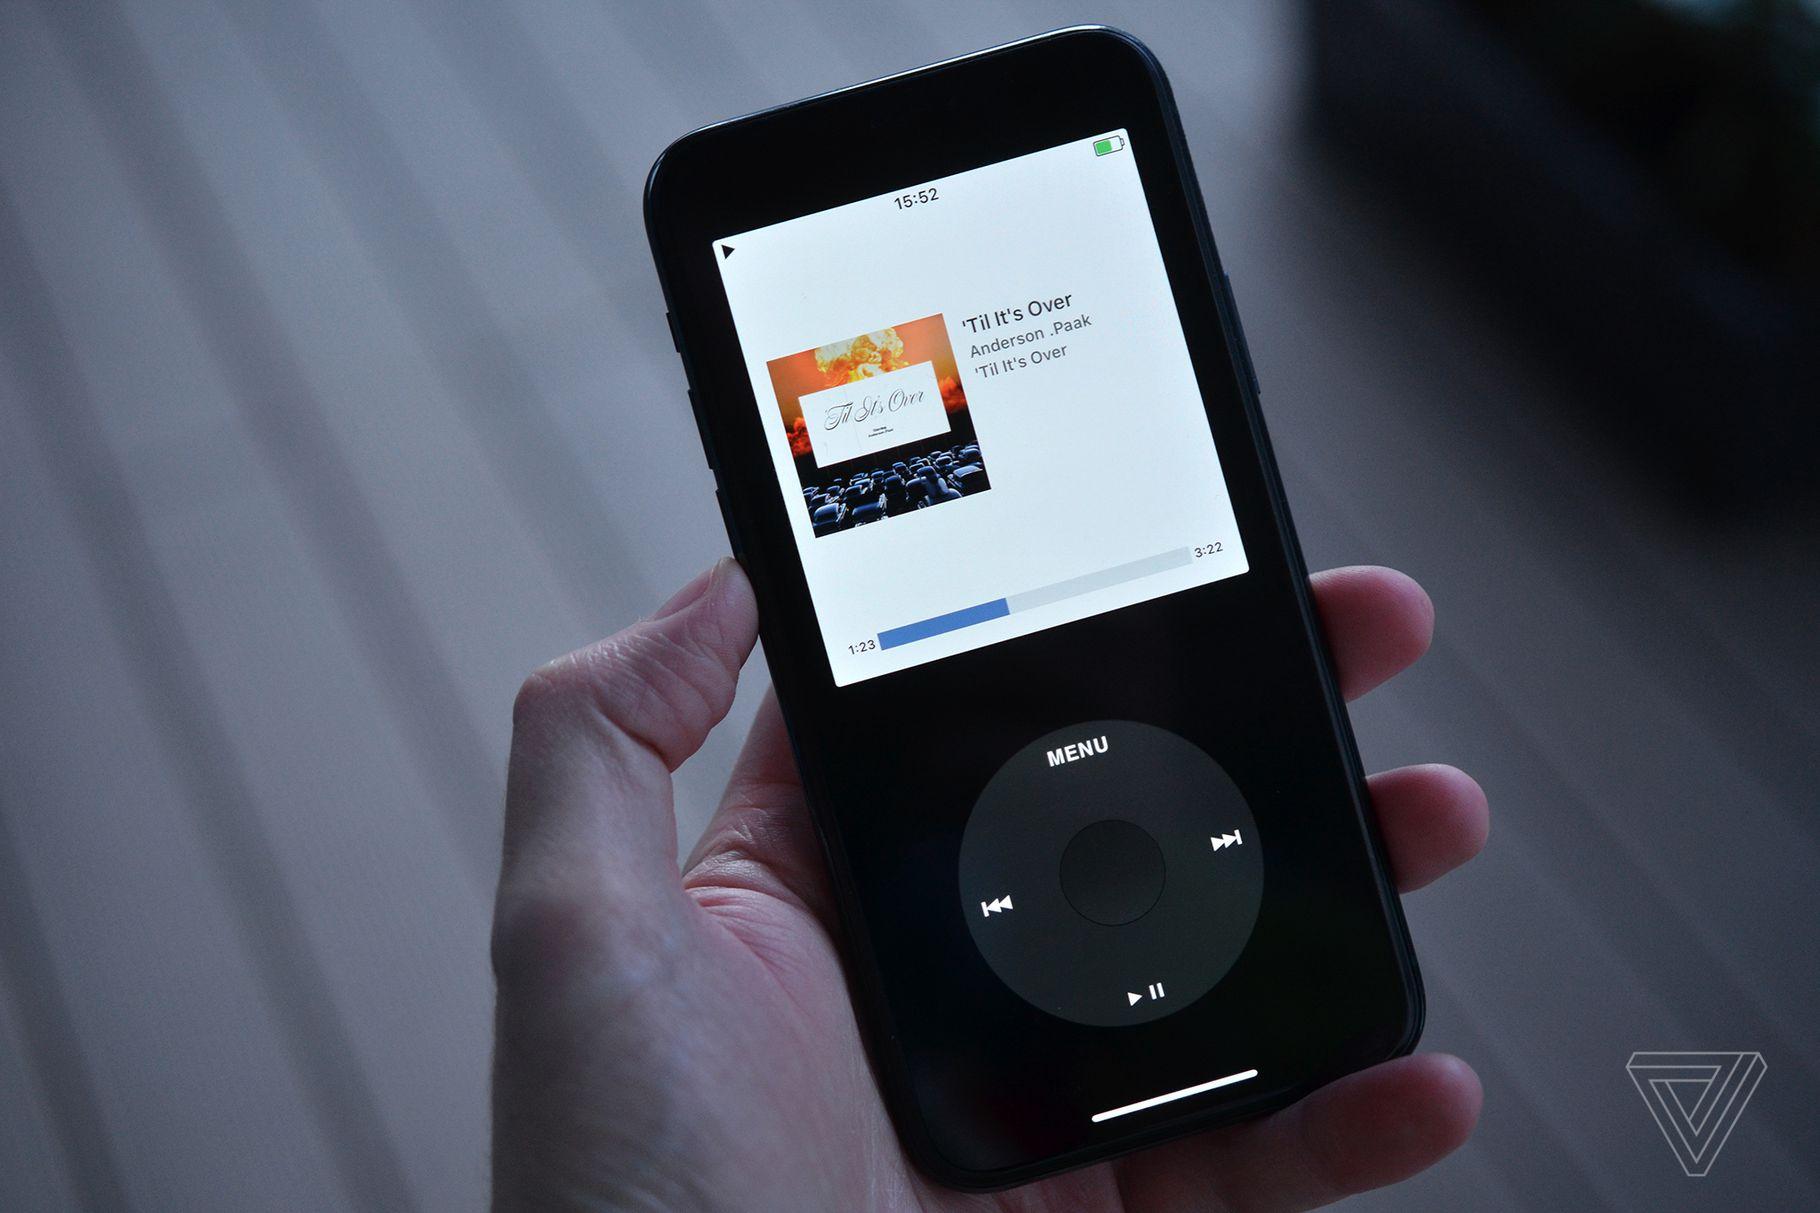 Apple odstranil aplikaci Rewound kvůli vzhledu iPodu [aktualizováno]